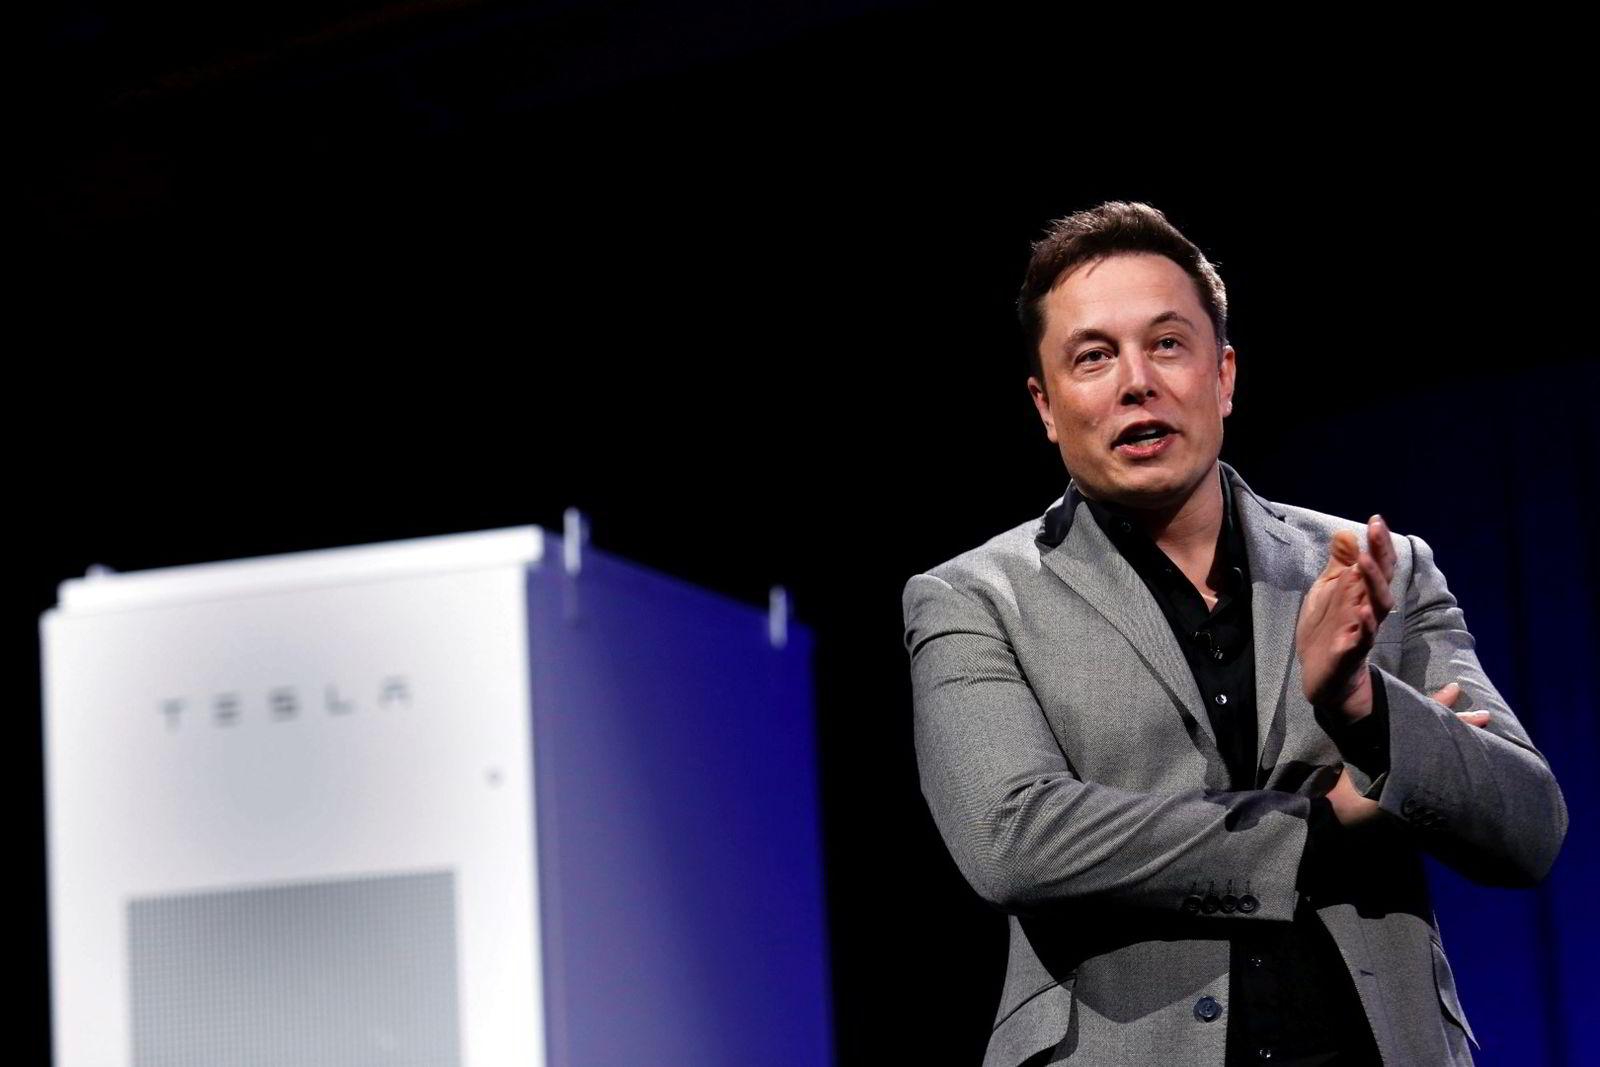 Tesla-sjefen Elon Musk (44). Her fra da han ifjor presenterer selskapets nye hjemmebatteri, Powerwall, som skal kunne lade Teslaen – ved hjelp av solceller. Foto: Patrick T. Fallon/Reuters/NTB scanpix